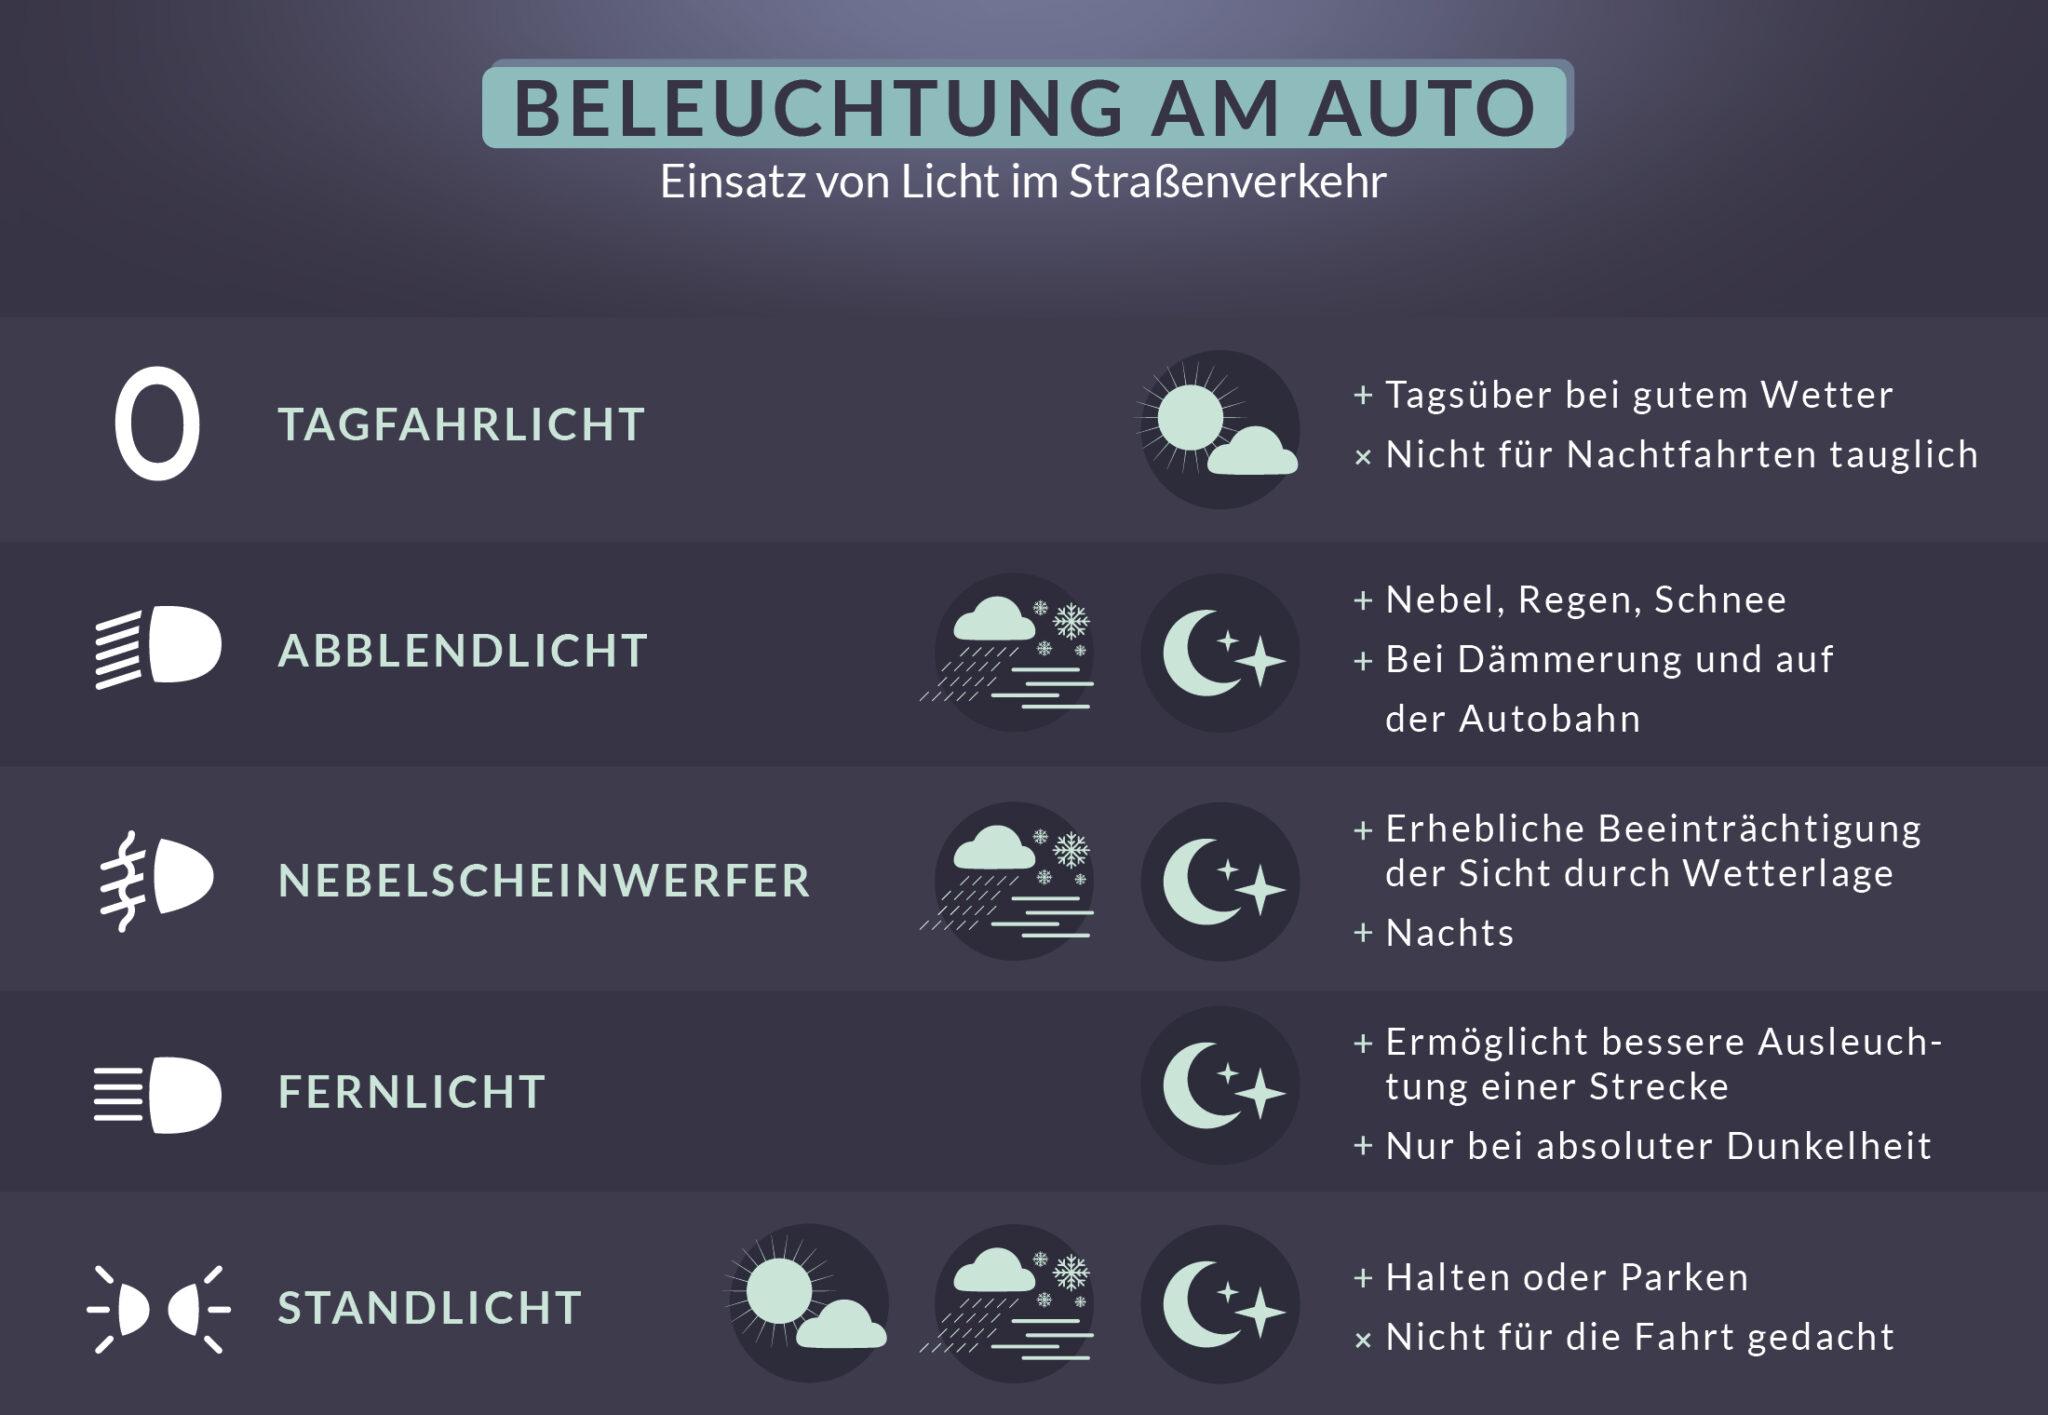 Diese Grafik zeigt, wann welche Beleuchtung am Auto eingeschaltet werden darf.